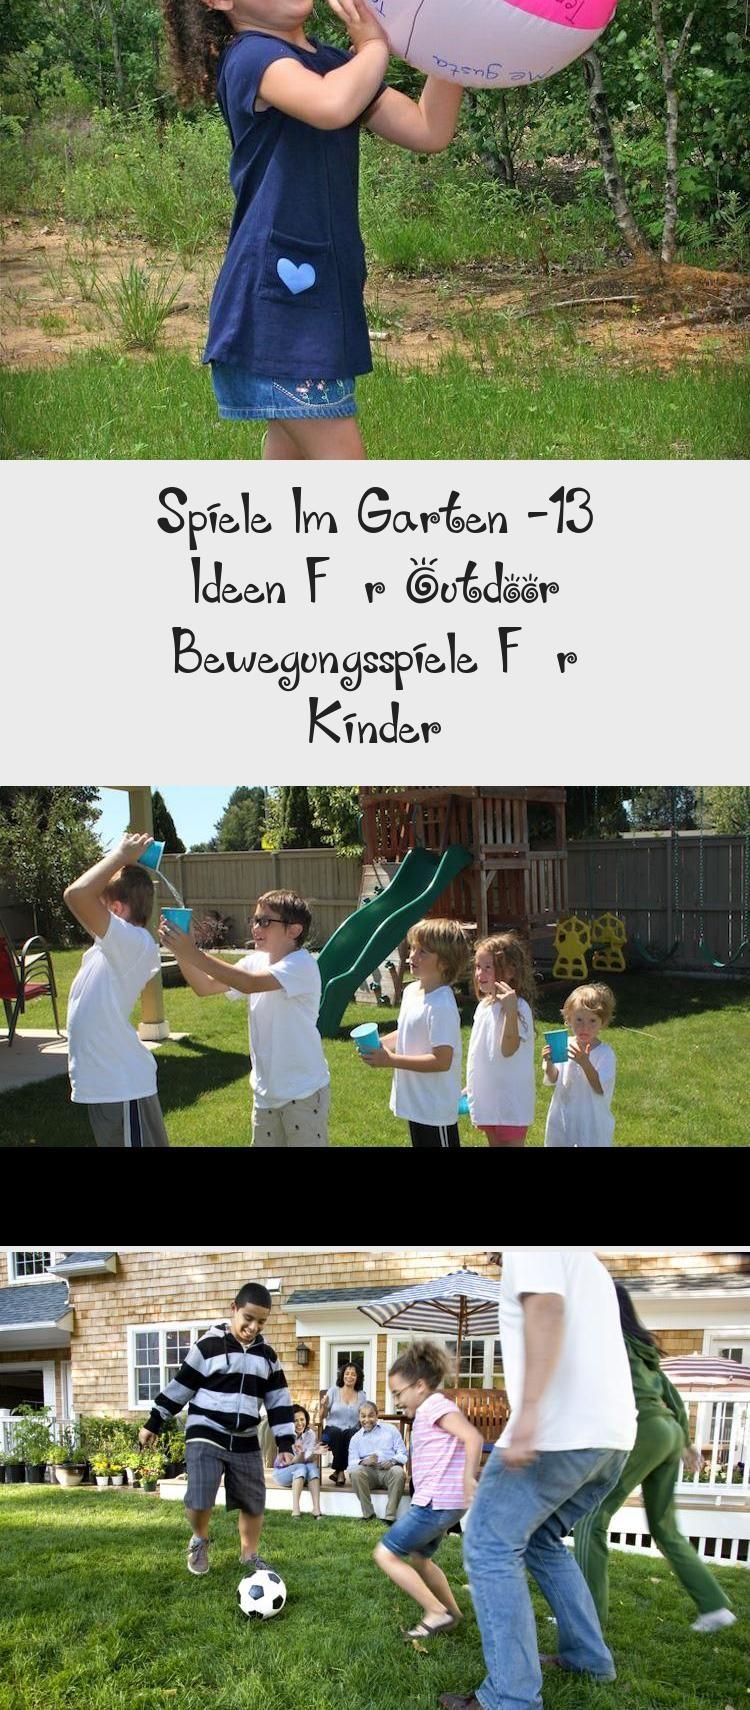 Spiele Im Garten -13 Ideen Für Outdoor Bewegungsspiele Für Kinder